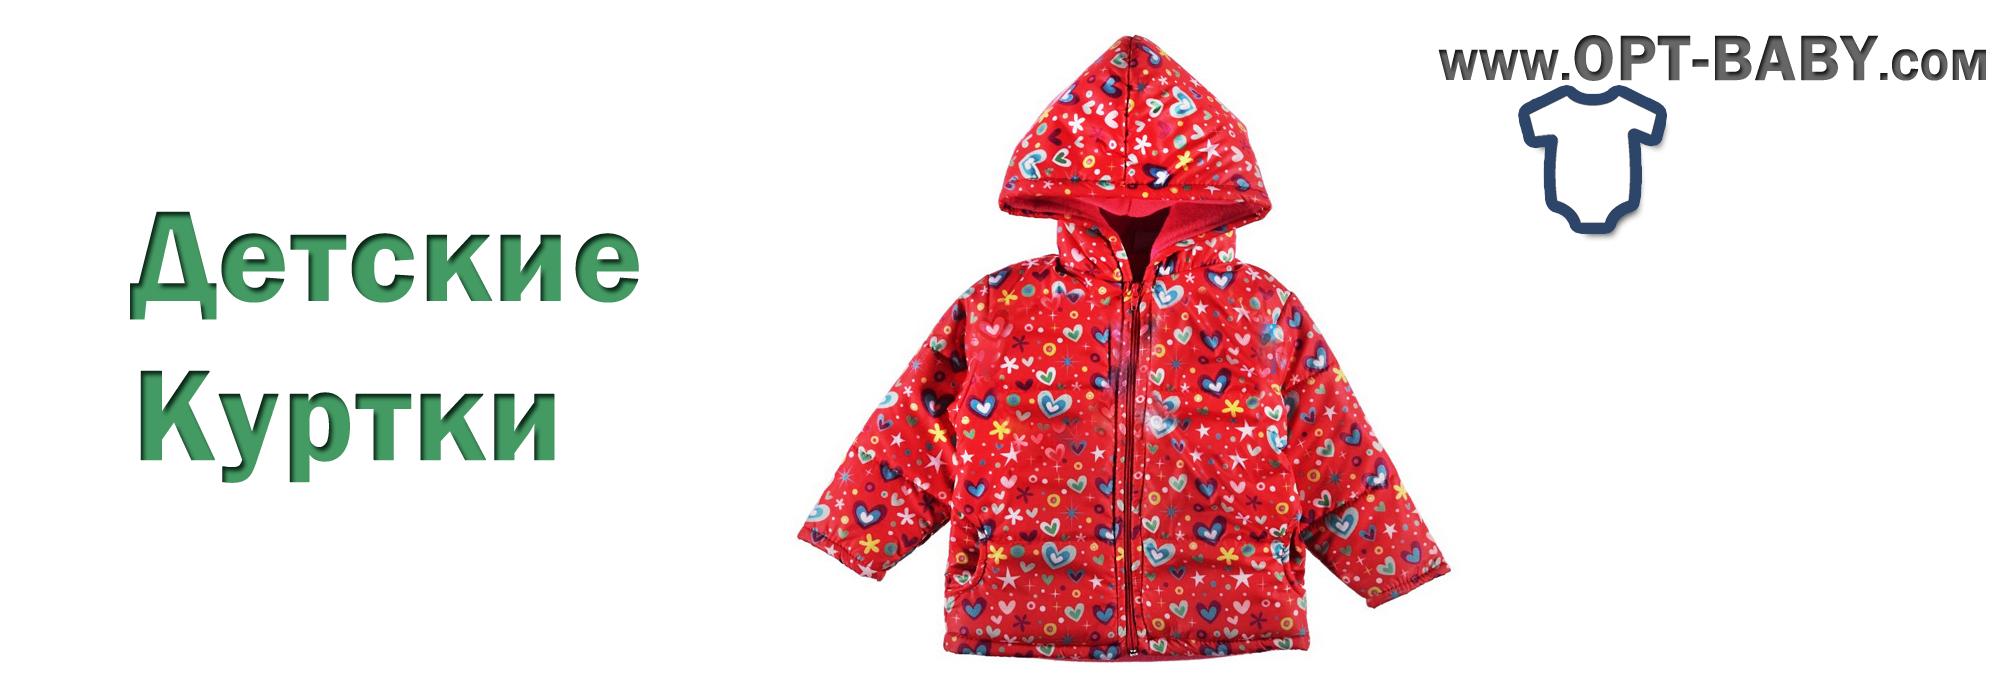 Детские Куртки - купить от интернет магазина детской одежды